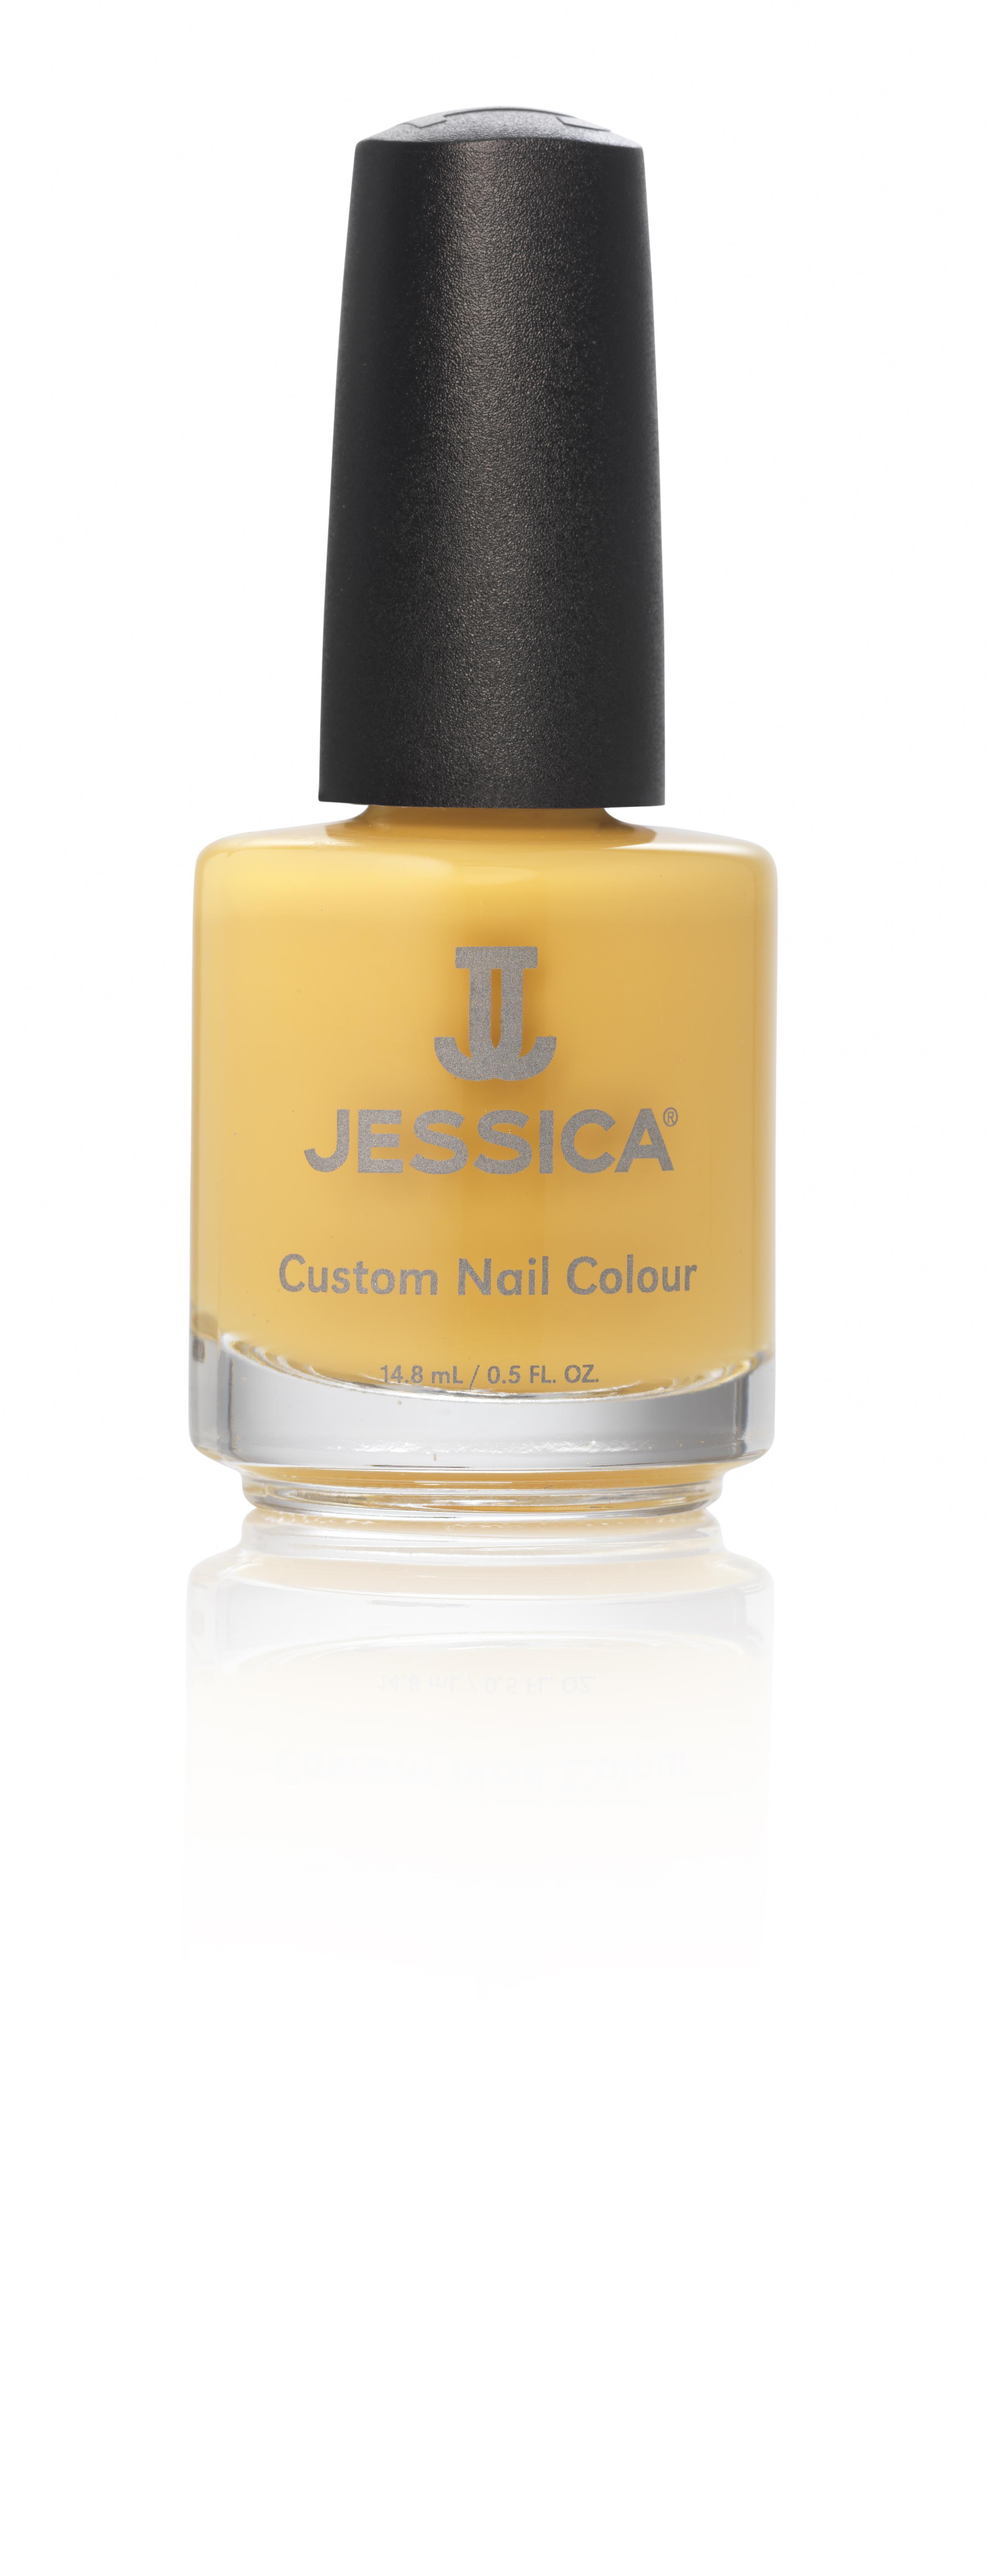 Jessica Лак для ногтей 944 Totally Turmeric 14,8 млUPC 944Лаки JESSICA содержат витамины A, Д и Е, обеспечивают дополнительную защиту ногтей и усиливают терапевтическое воздействие базовых средств и средств-корректоров.